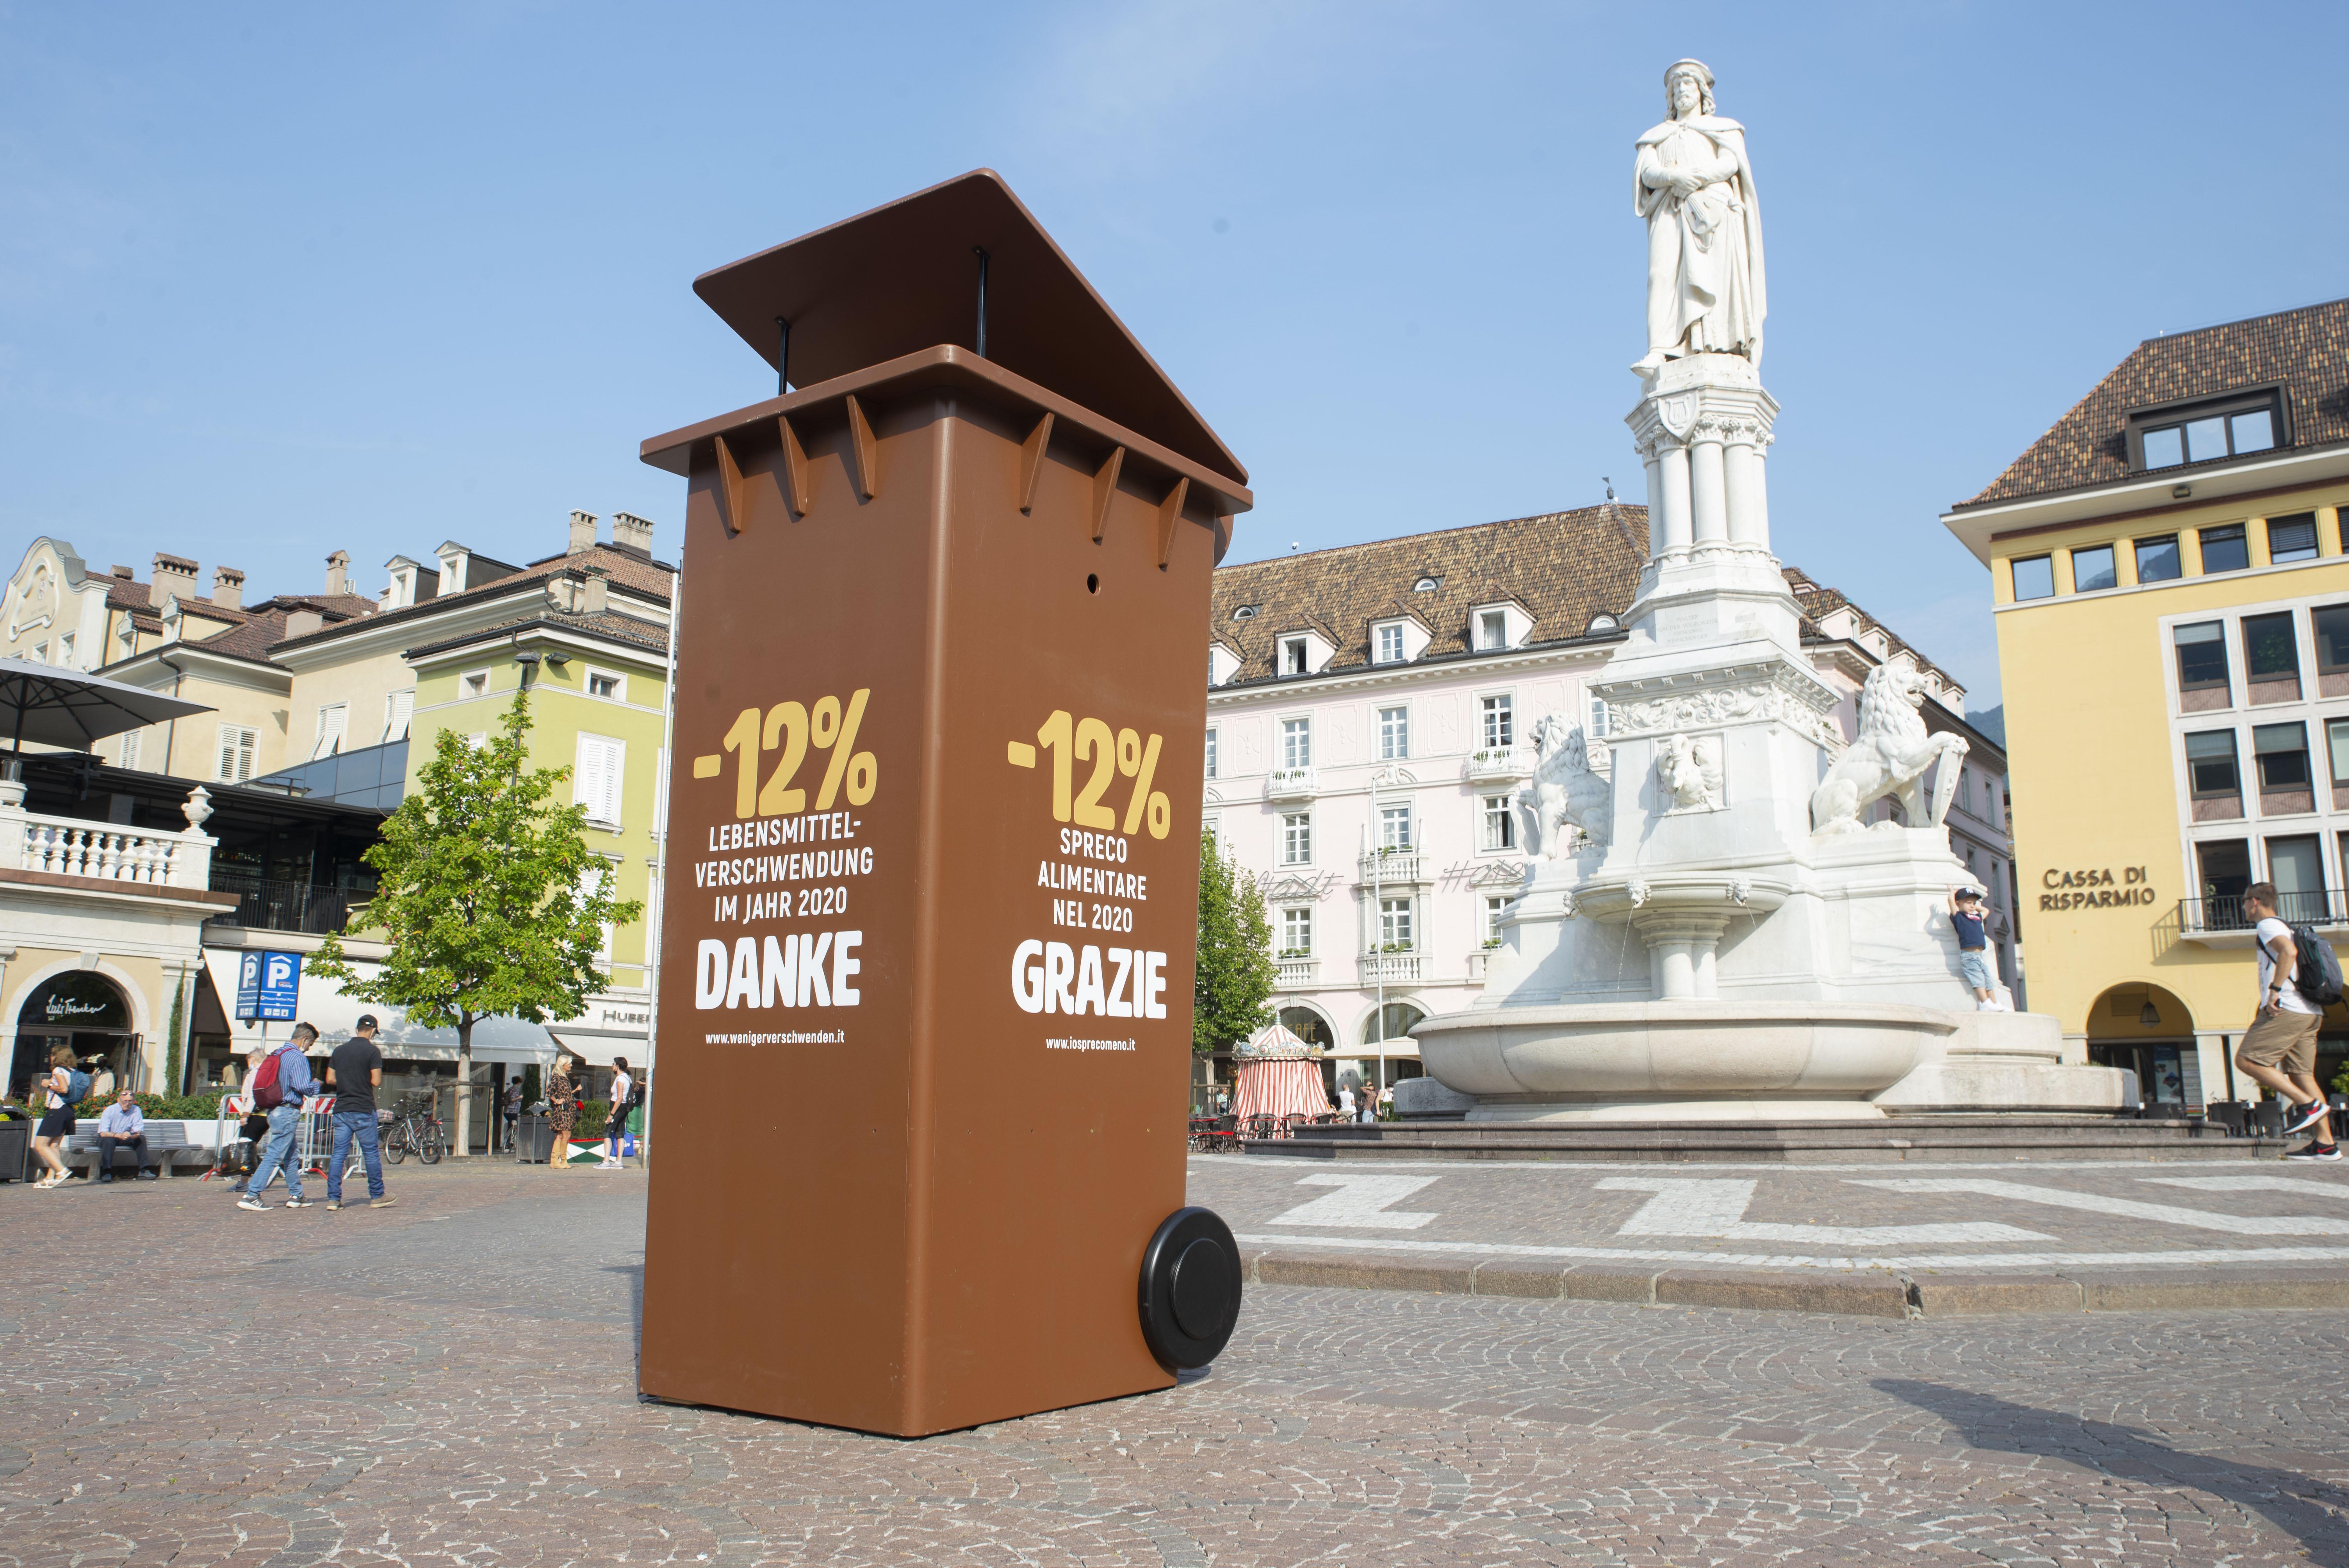 Il bidone simbolo della campagna contro lo spreco alimentare a Bolzano